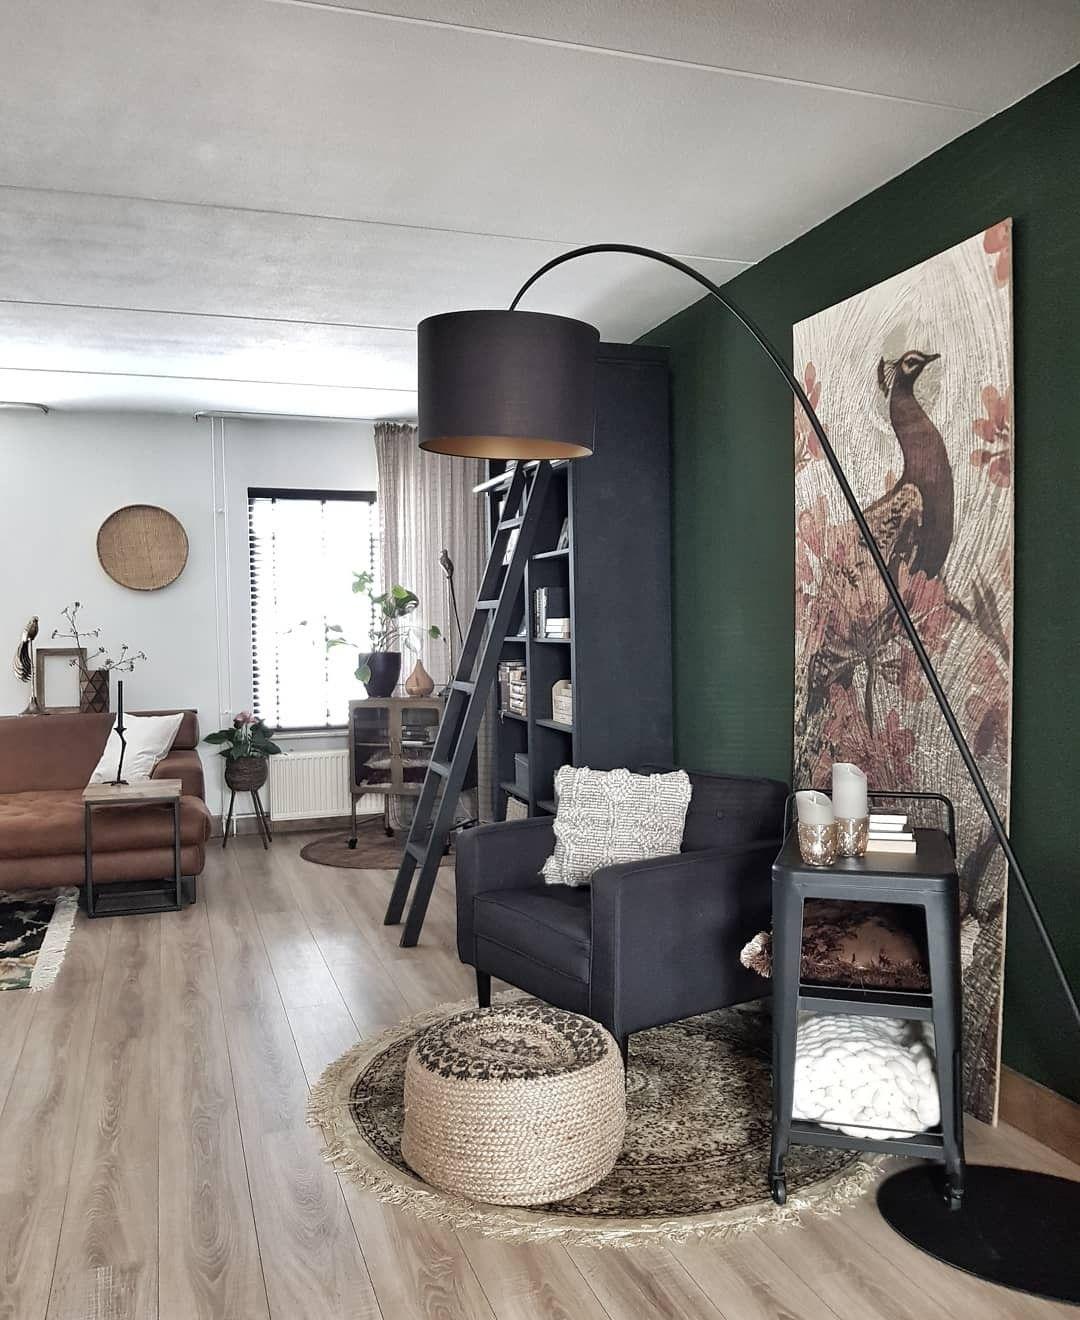 Boho Lifestyle Home Decor Ideas With Images Stylish Home Decor